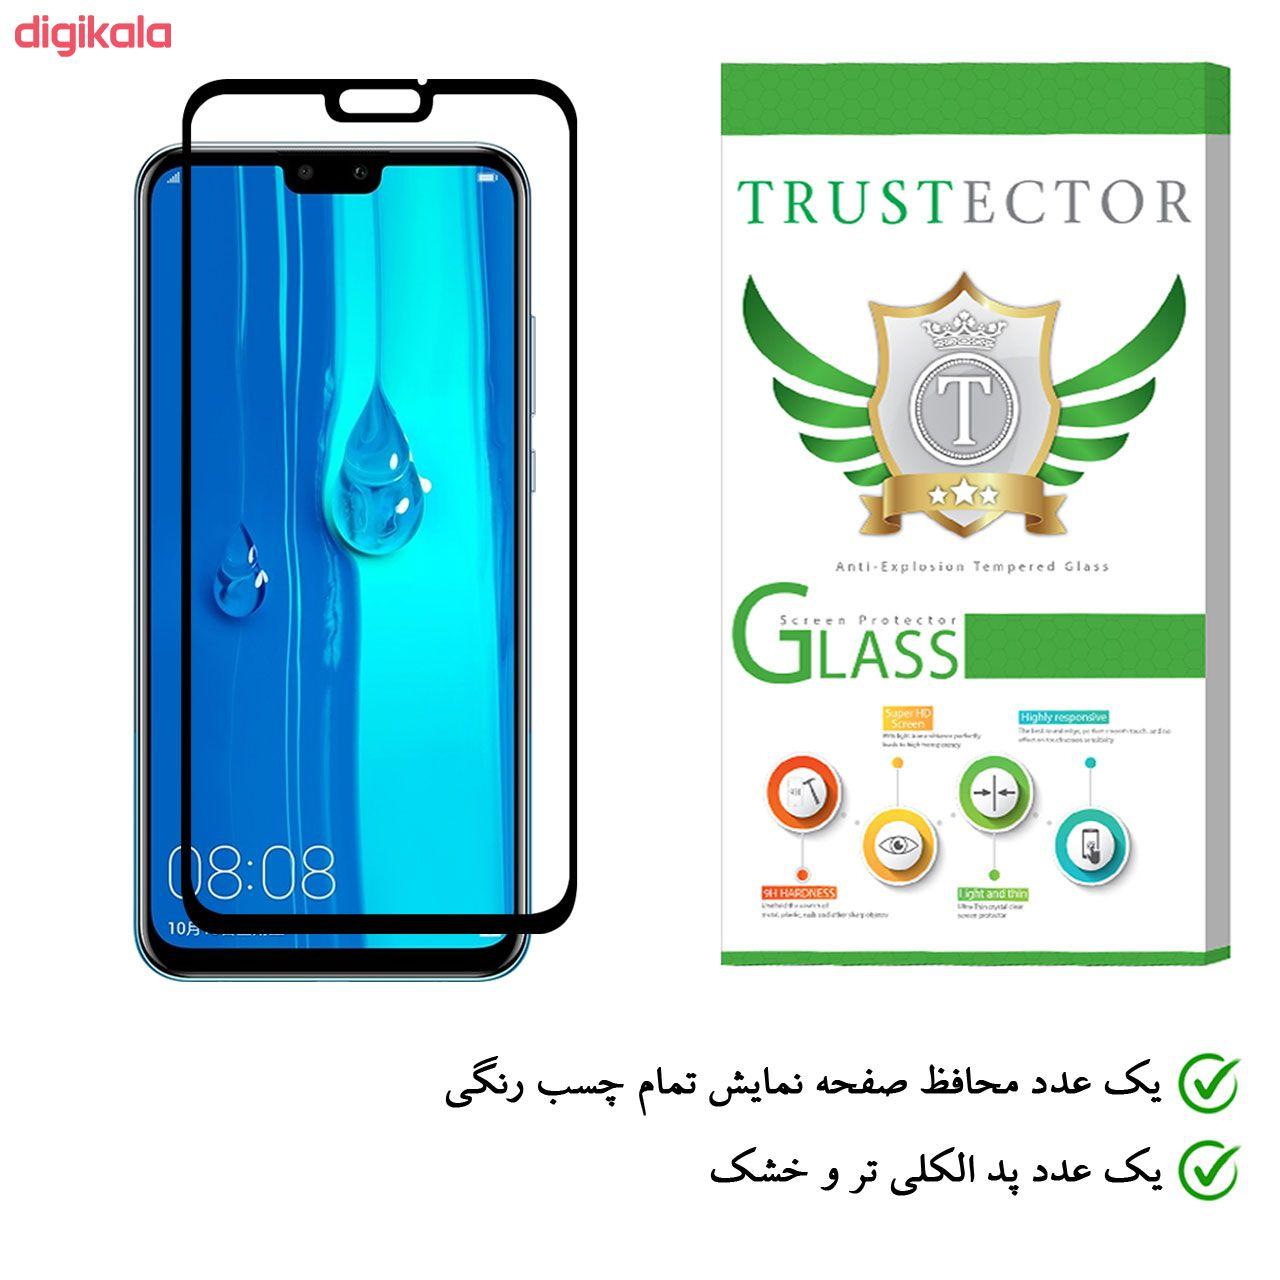 محافظ صفحه نمایش تراستکتور مدل GSS مناسب برای گوشی موبایل هوآوی Y9 2019 main 1 1